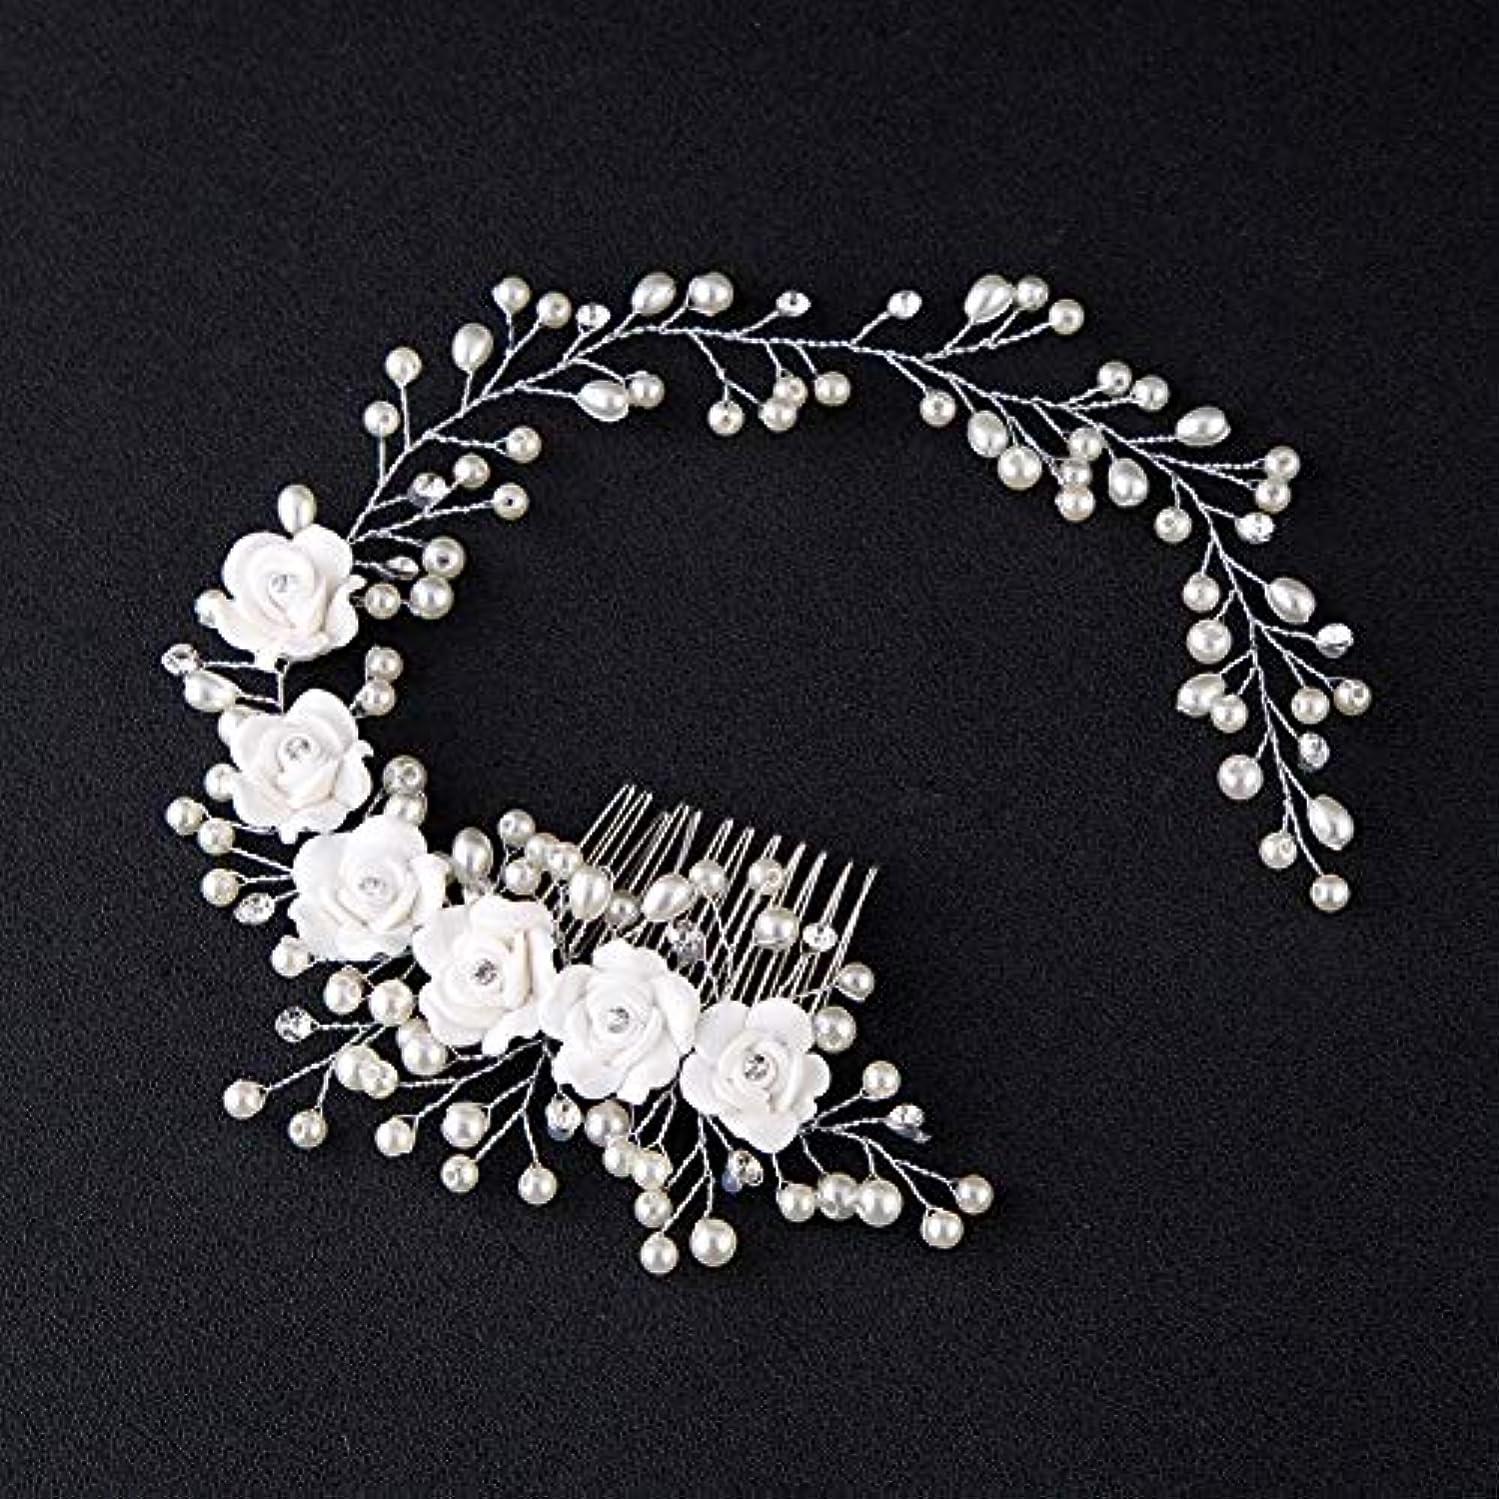 誤解させるチェリー礼儀フラワーヘアピンFlowerHairpin YHM女性の髪の櫛の花嫁の結婚式のヘアクリップ手作りの花のビーズの装飾レディースヘアアクセサリー